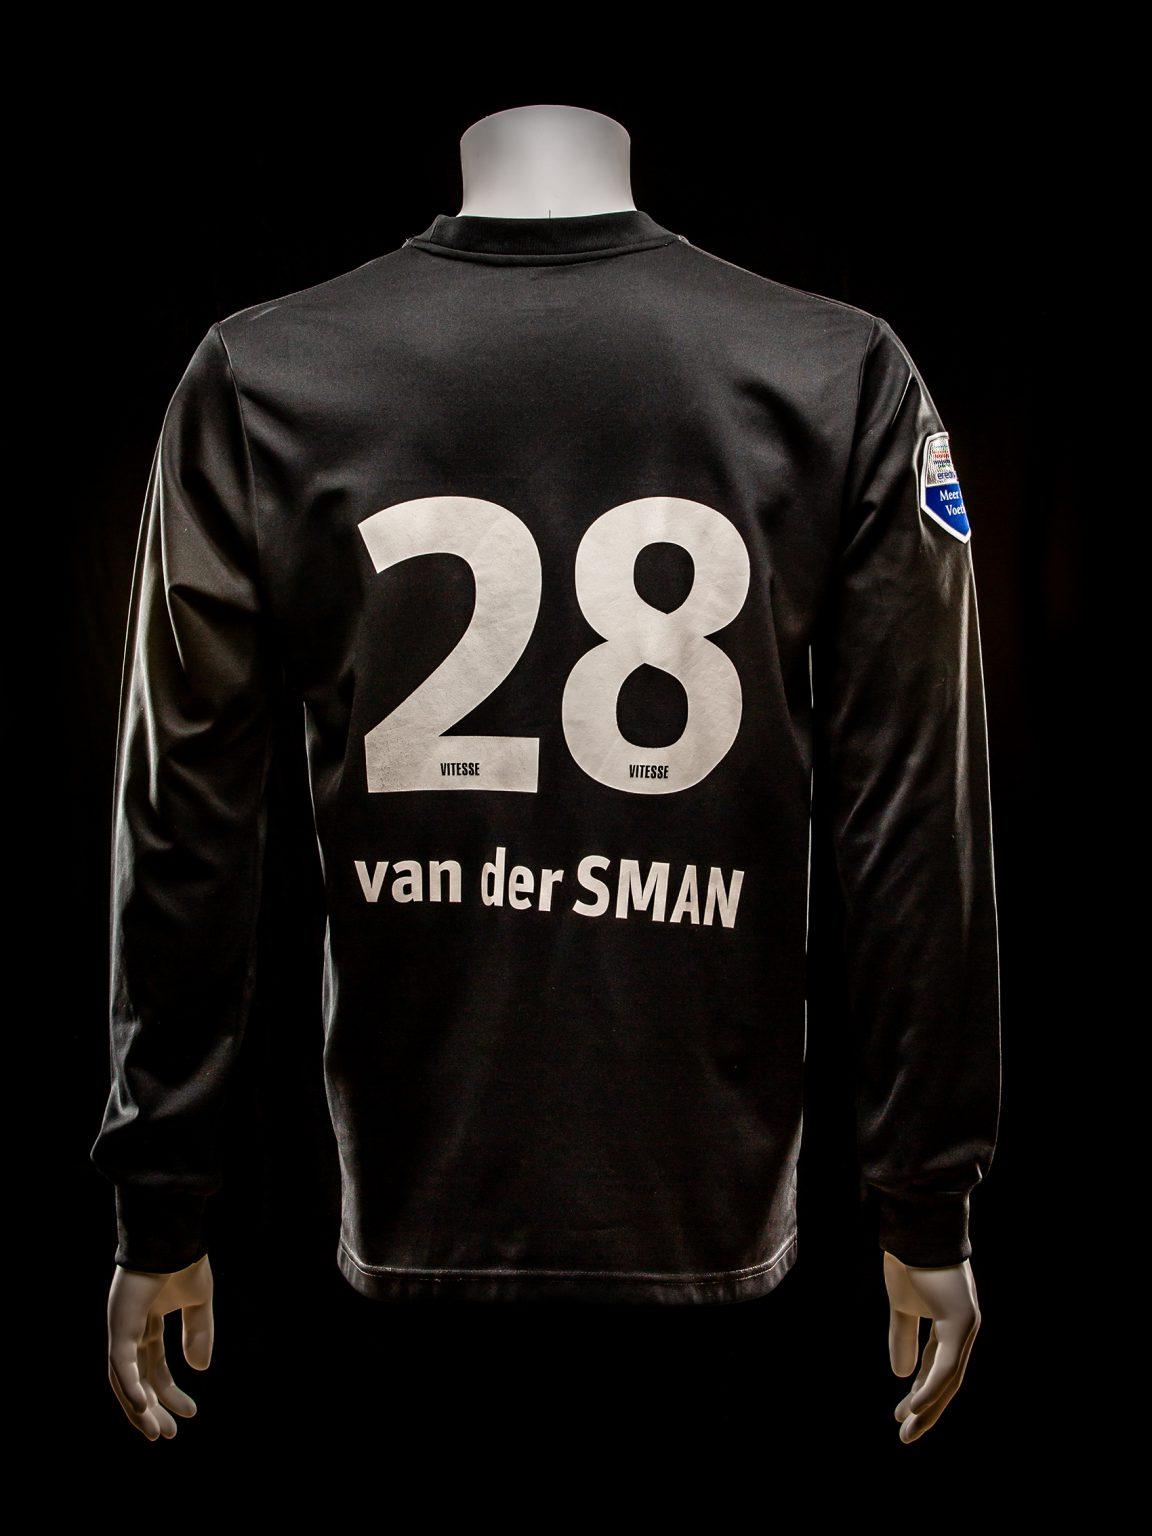 #28 Sebastiaan van der Zwam